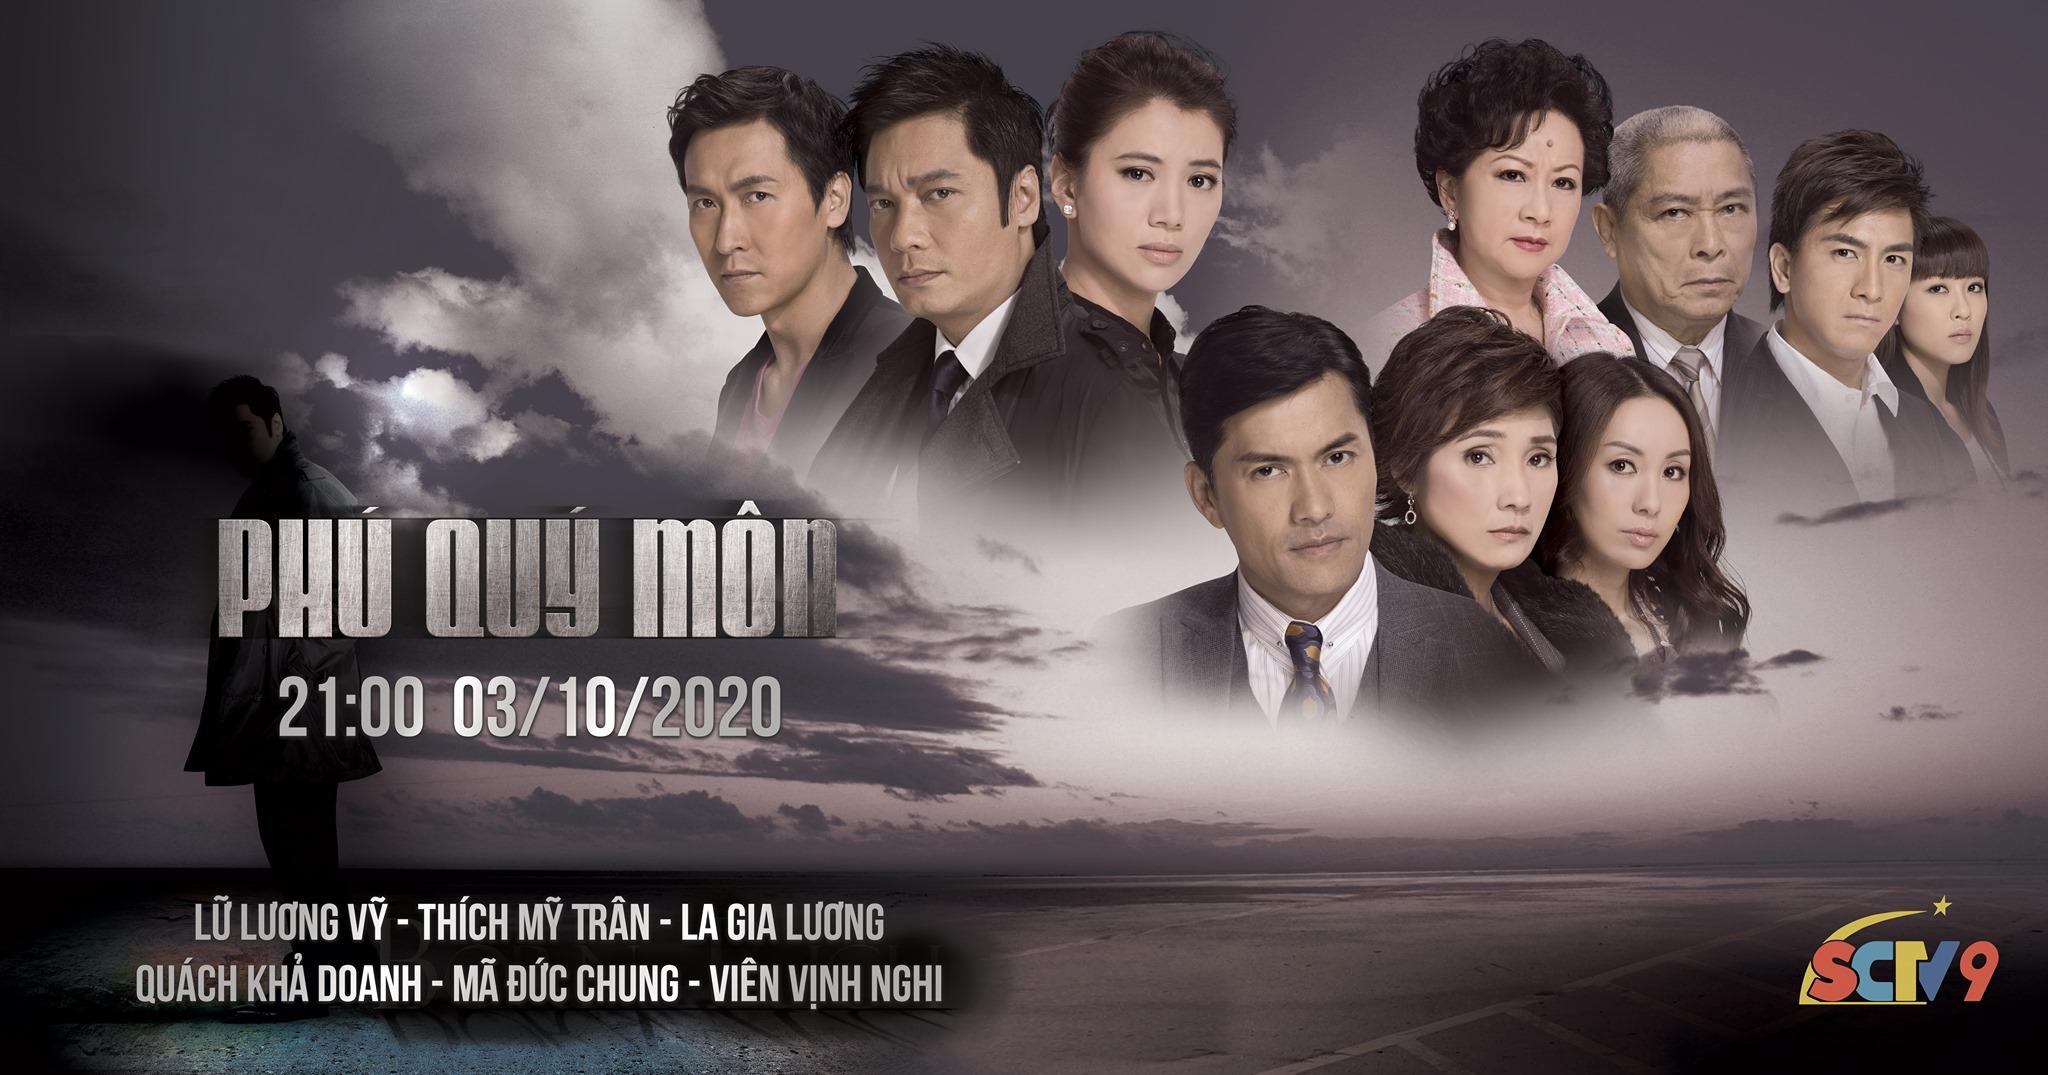 Phú Quý Môn - SCTV9 (2020)